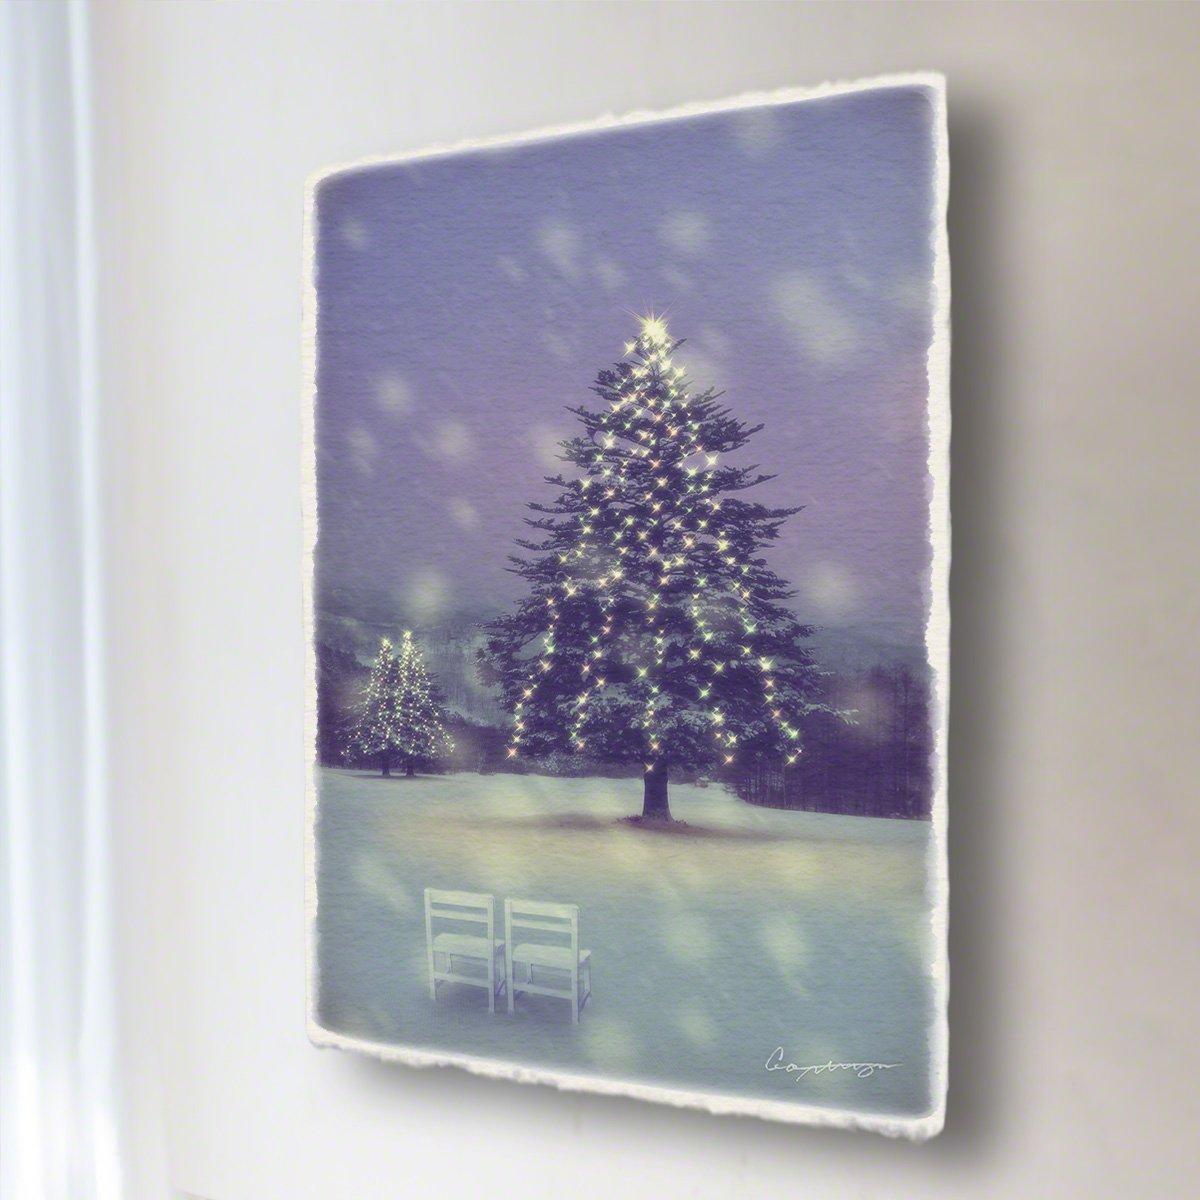 和紙 アートパネル 「雪原のイルミネーションのモミの木と白い椅子」 (54x36cm) 絵 絵画 壁掛け 壁飾り インテリア アート B07B2GPR1T 15.アートパネル(長辺54cm) 29800円|雪原のイルミネーションのモミの木と白い椅子 雪原のイルミネーションのモミの木と白い椅子 15.アートパネル(長辺54cm) 29800円